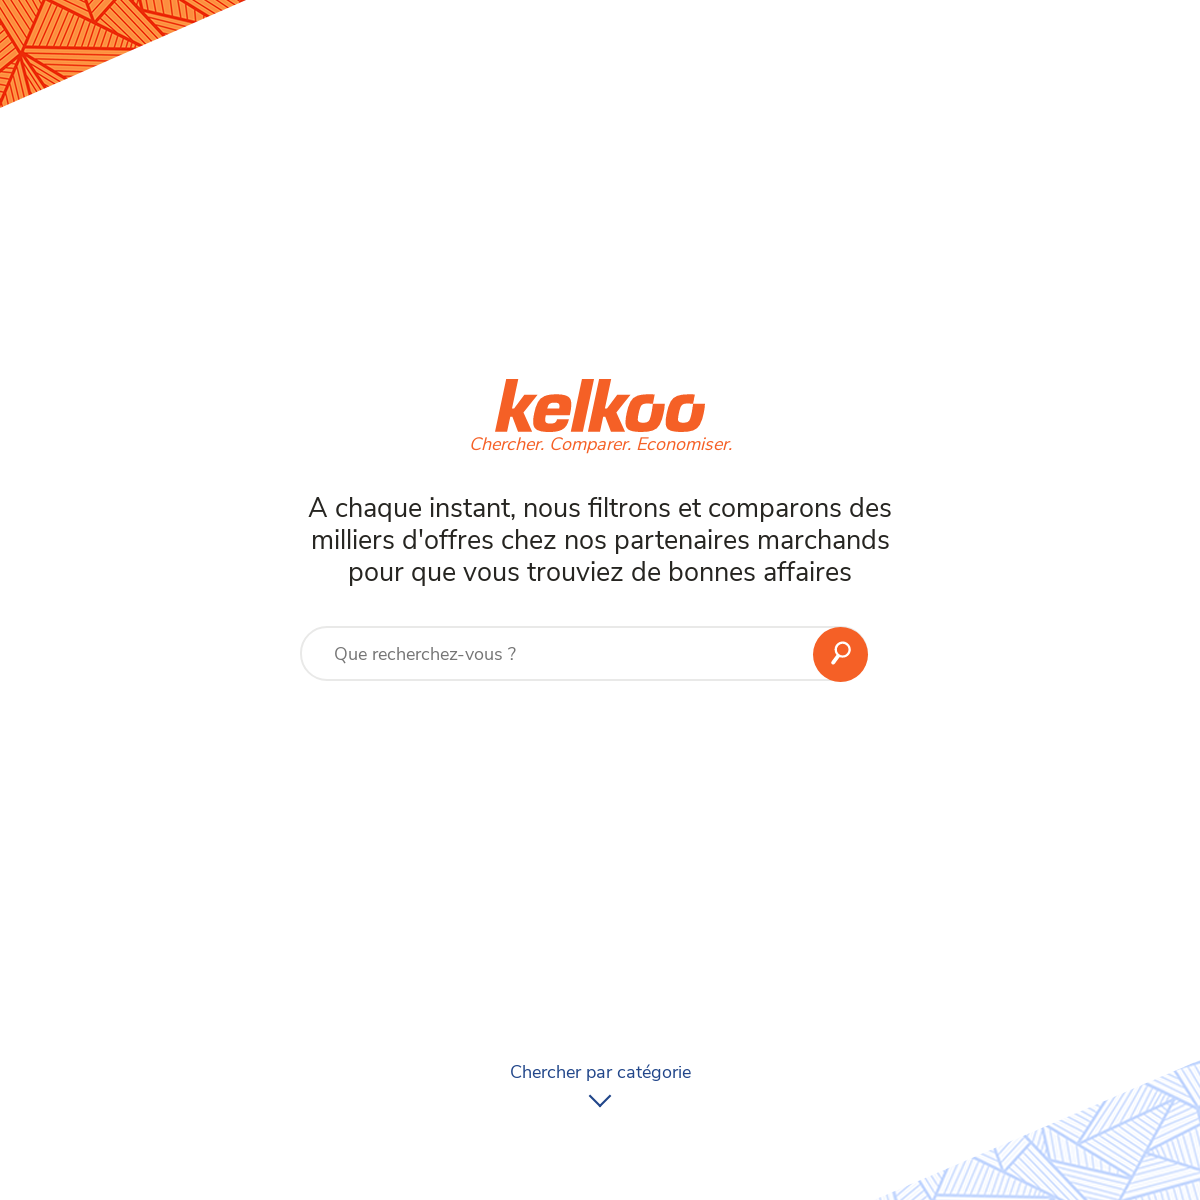 Kelkoo - Comparateur de prix et dénicheur de bonnes affaires